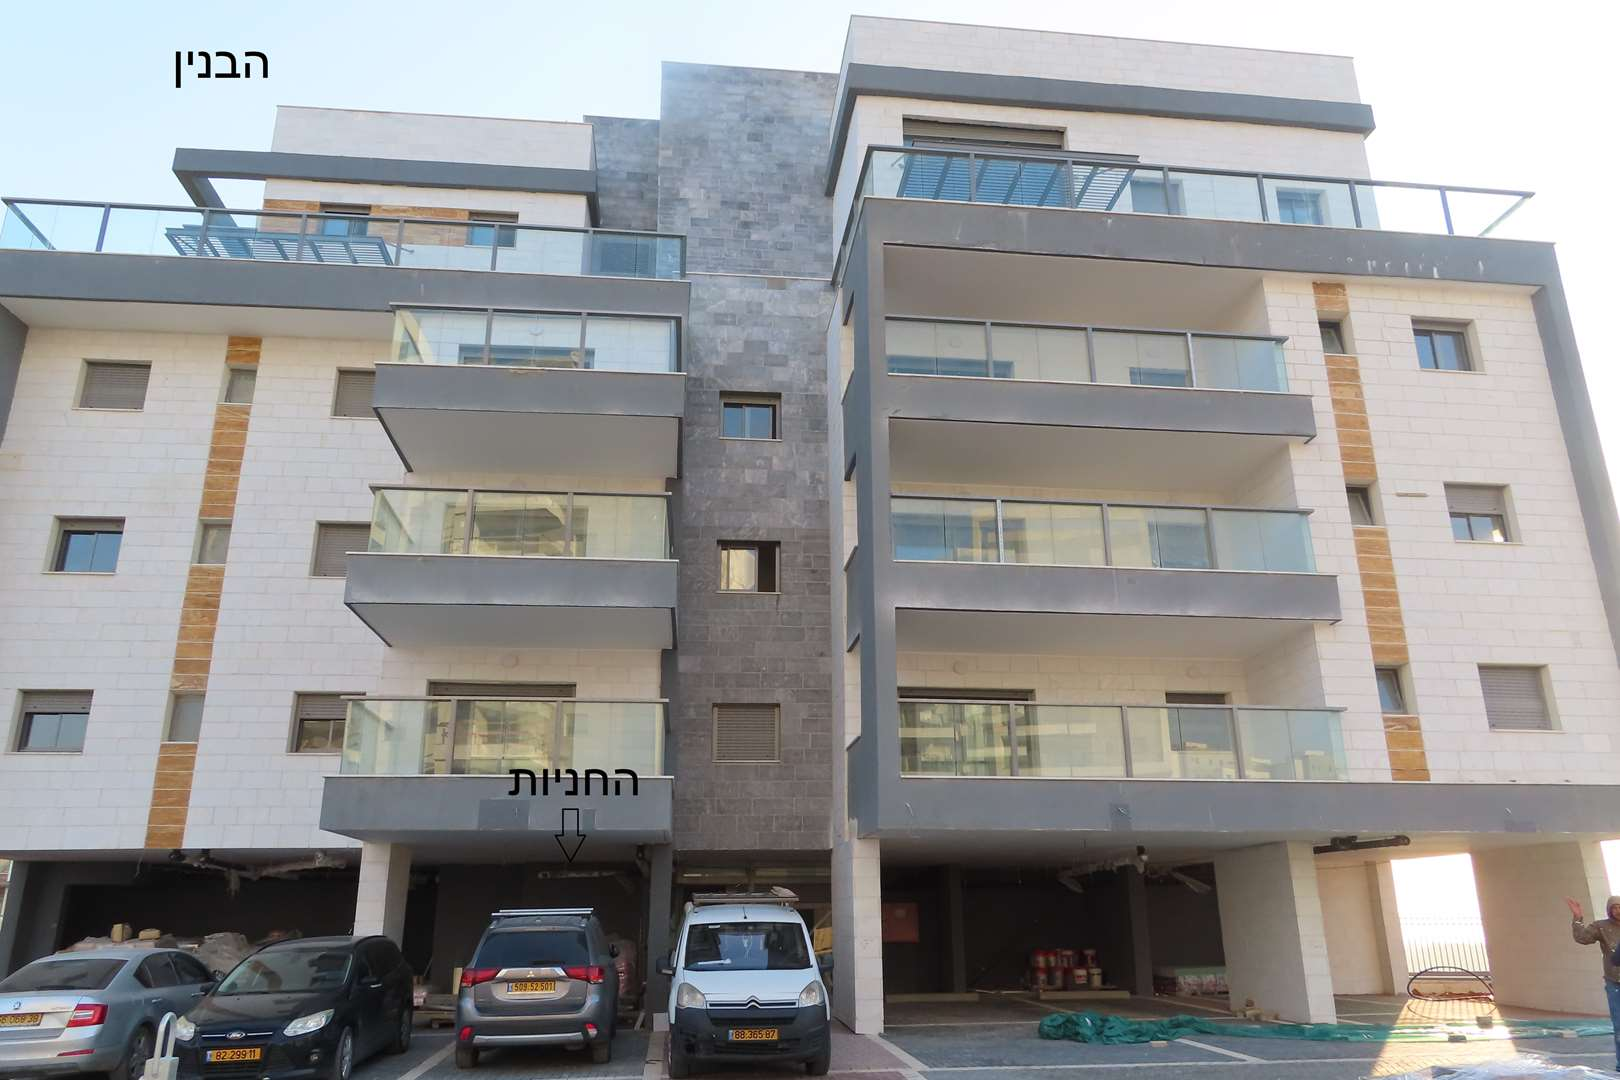 דירה להשכרה 5 חדרים בחריש אחדות בצוותא